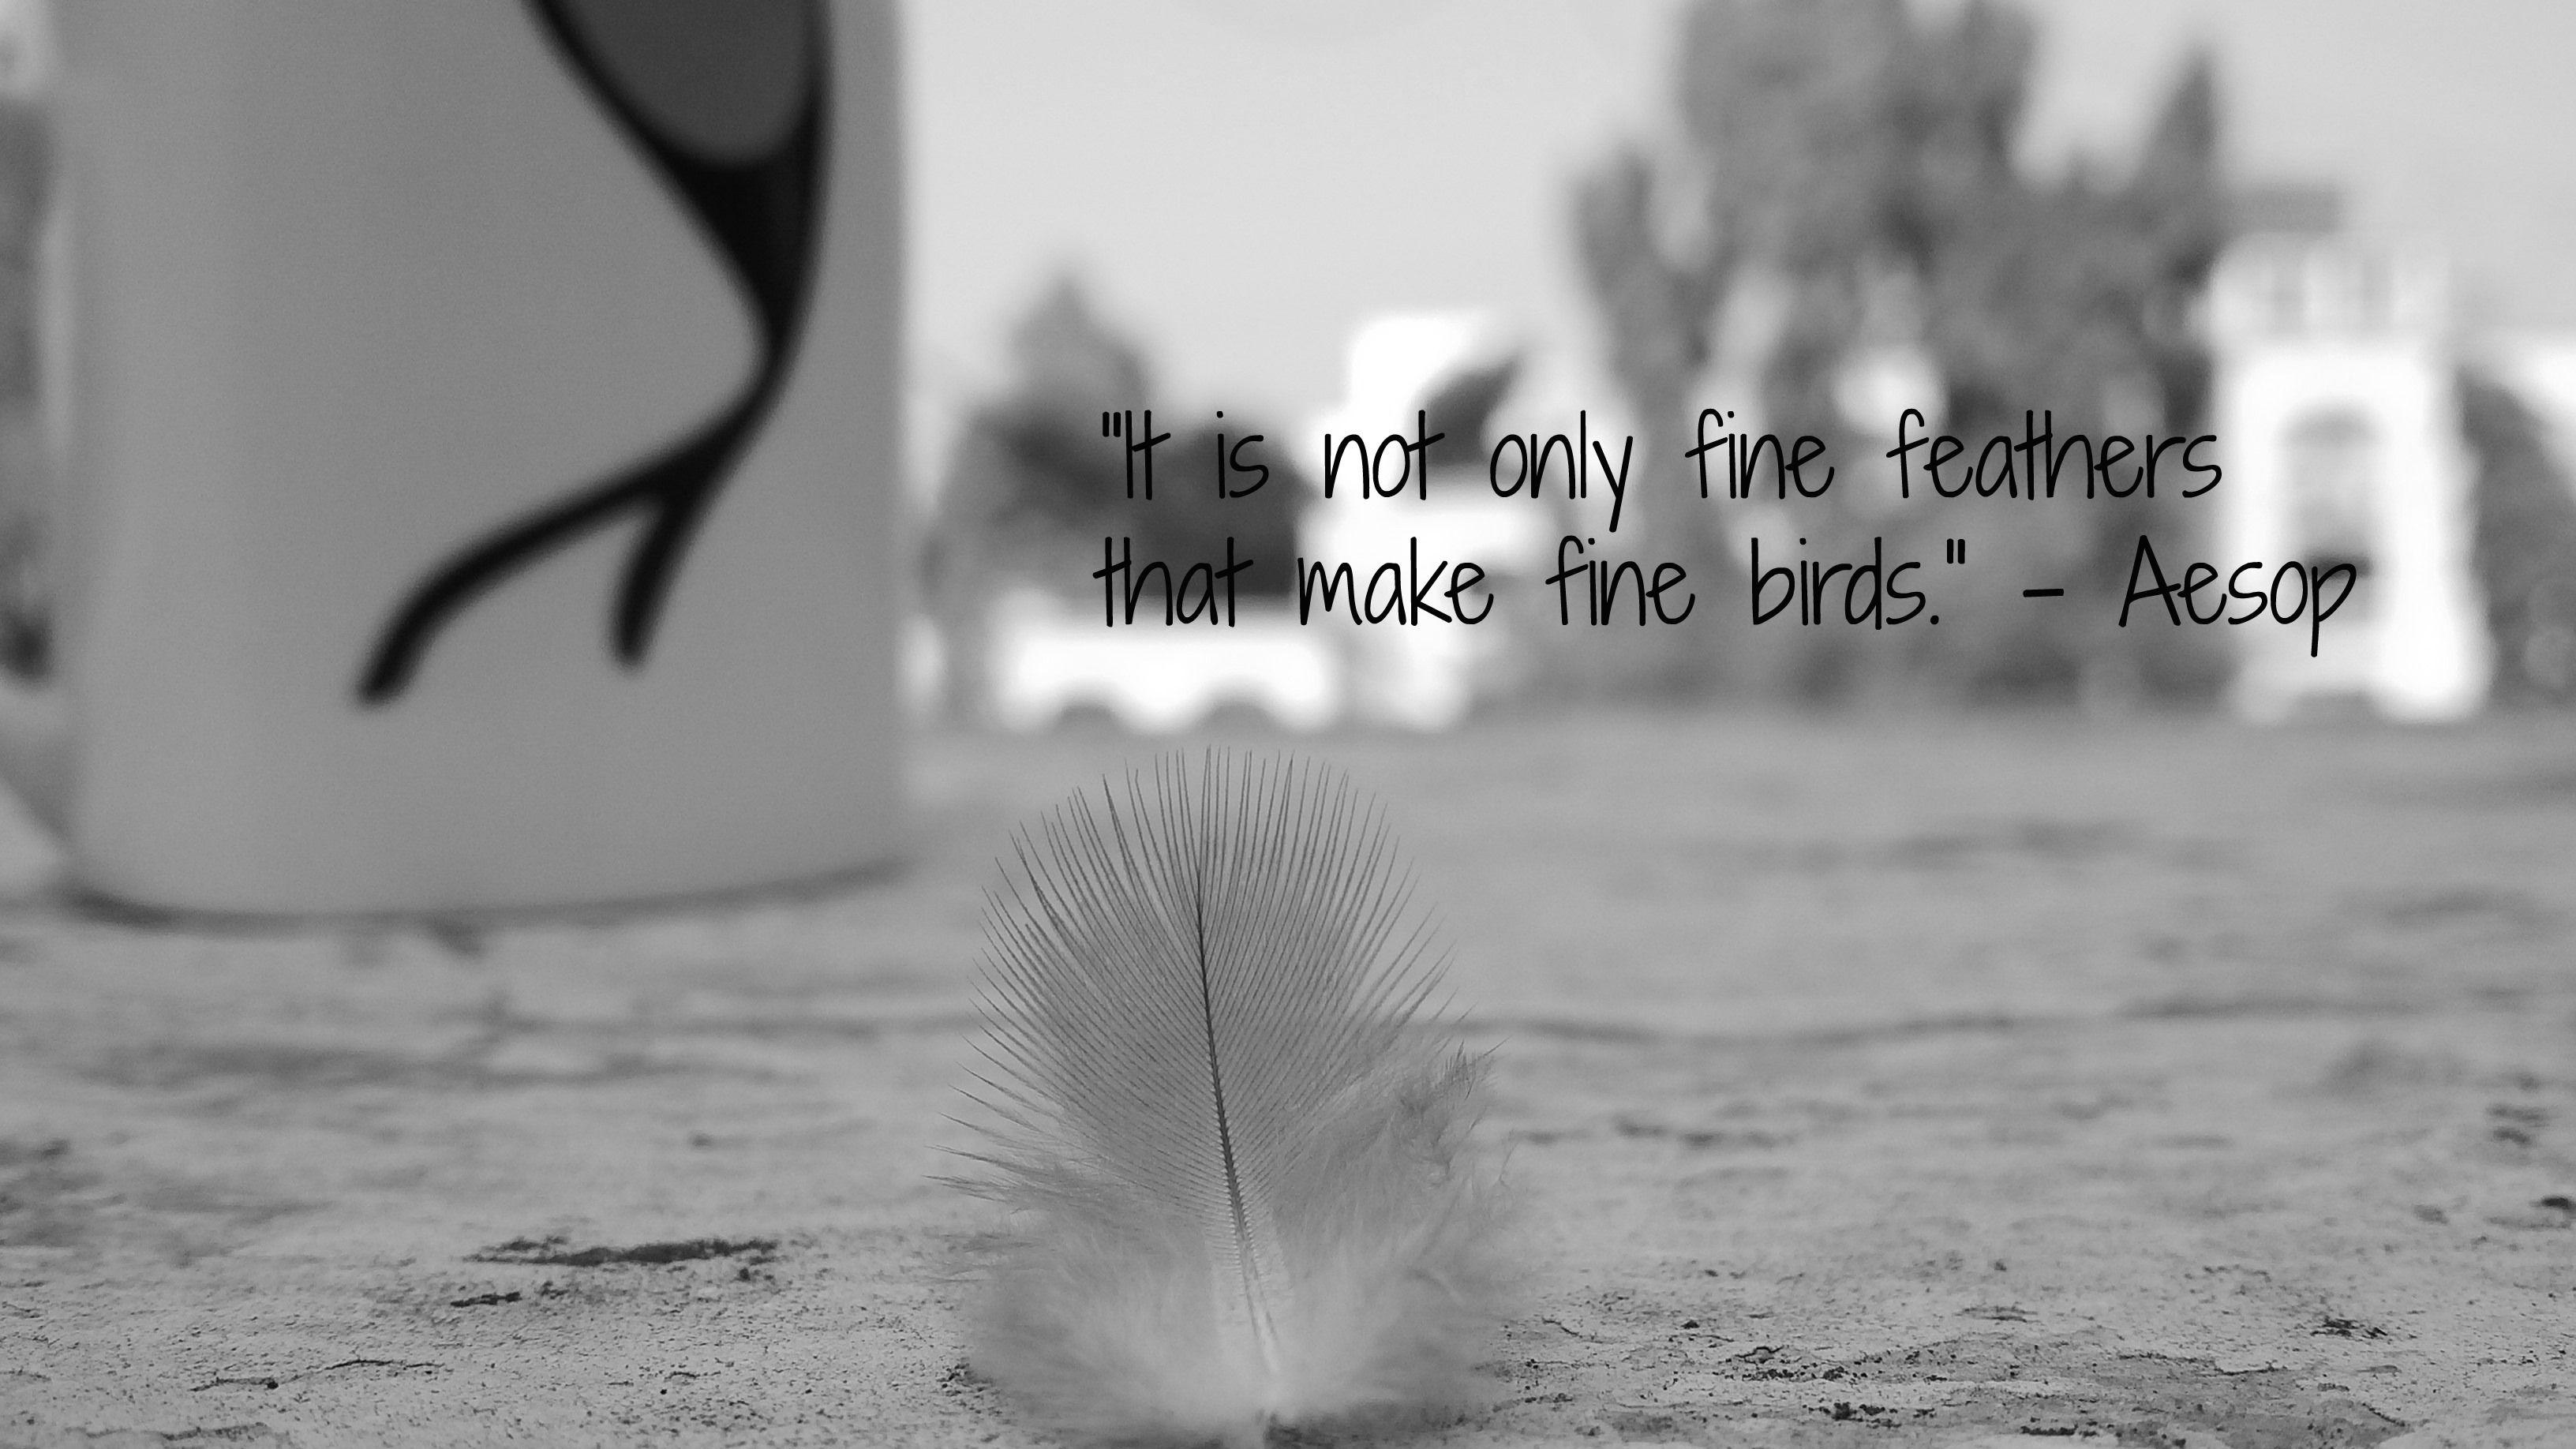 Feather Quotes   Random clicks! [www flickr com/kaushalyadav